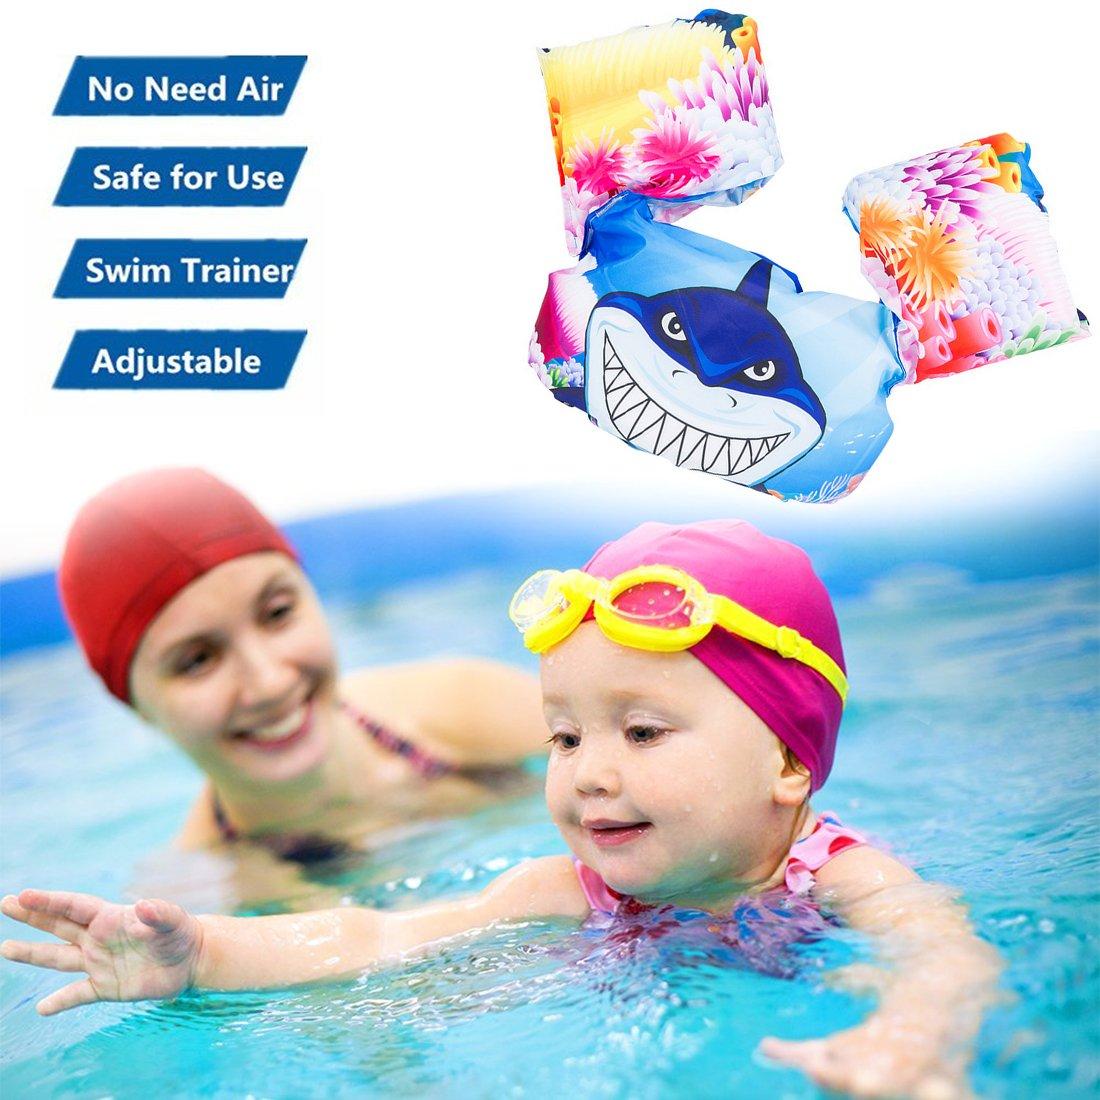 sunandy natación brazo bandas Swimtrainer flotador salvavidas flotabilidad chaleco aprender independencia flotante traje de flotación Dispositivo 30 - 60 kg ...